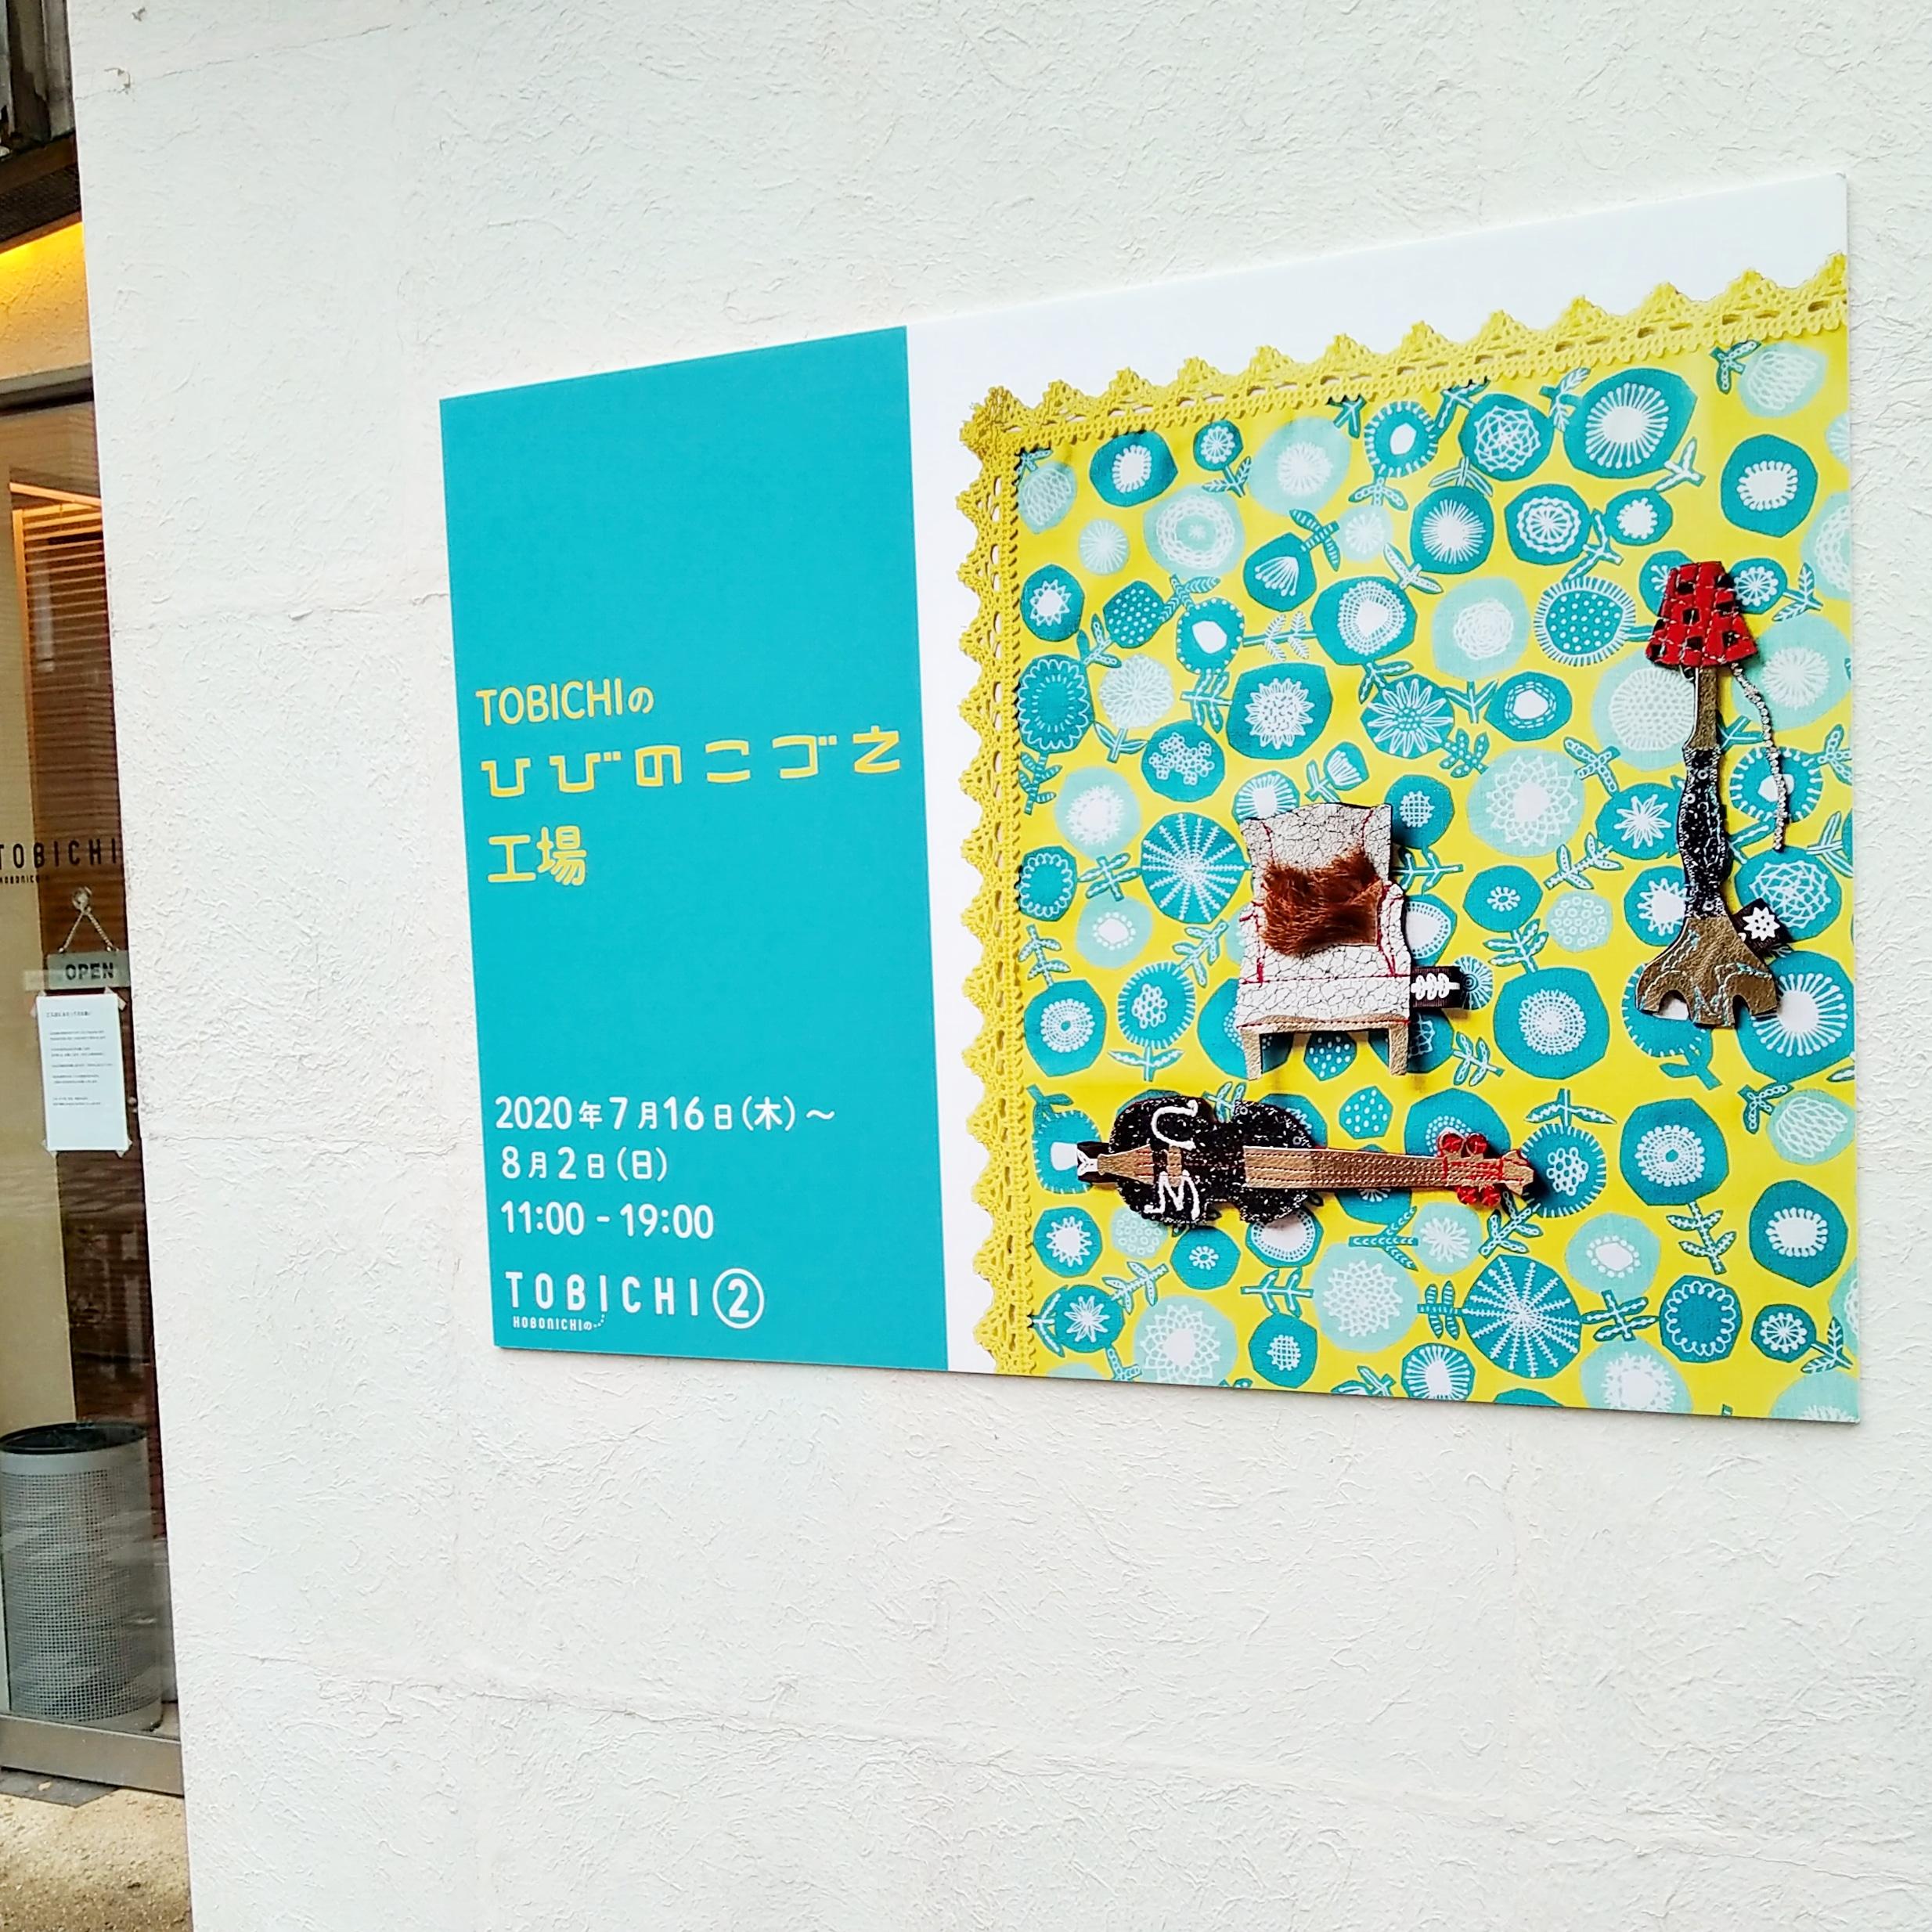 「ひびのこづえ工場」TOBICHI2 にて開催中